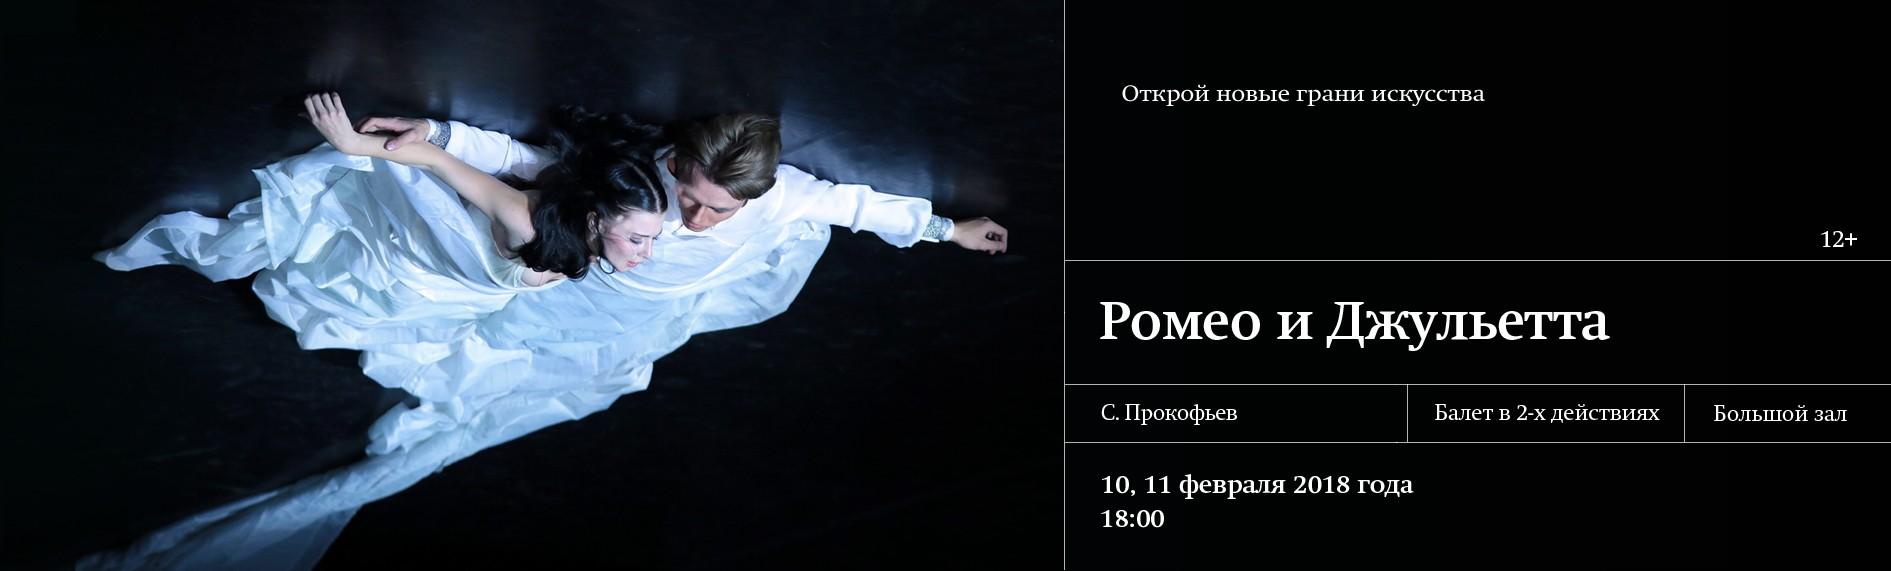 """Балет""""Ромео и Джульетта"""""""